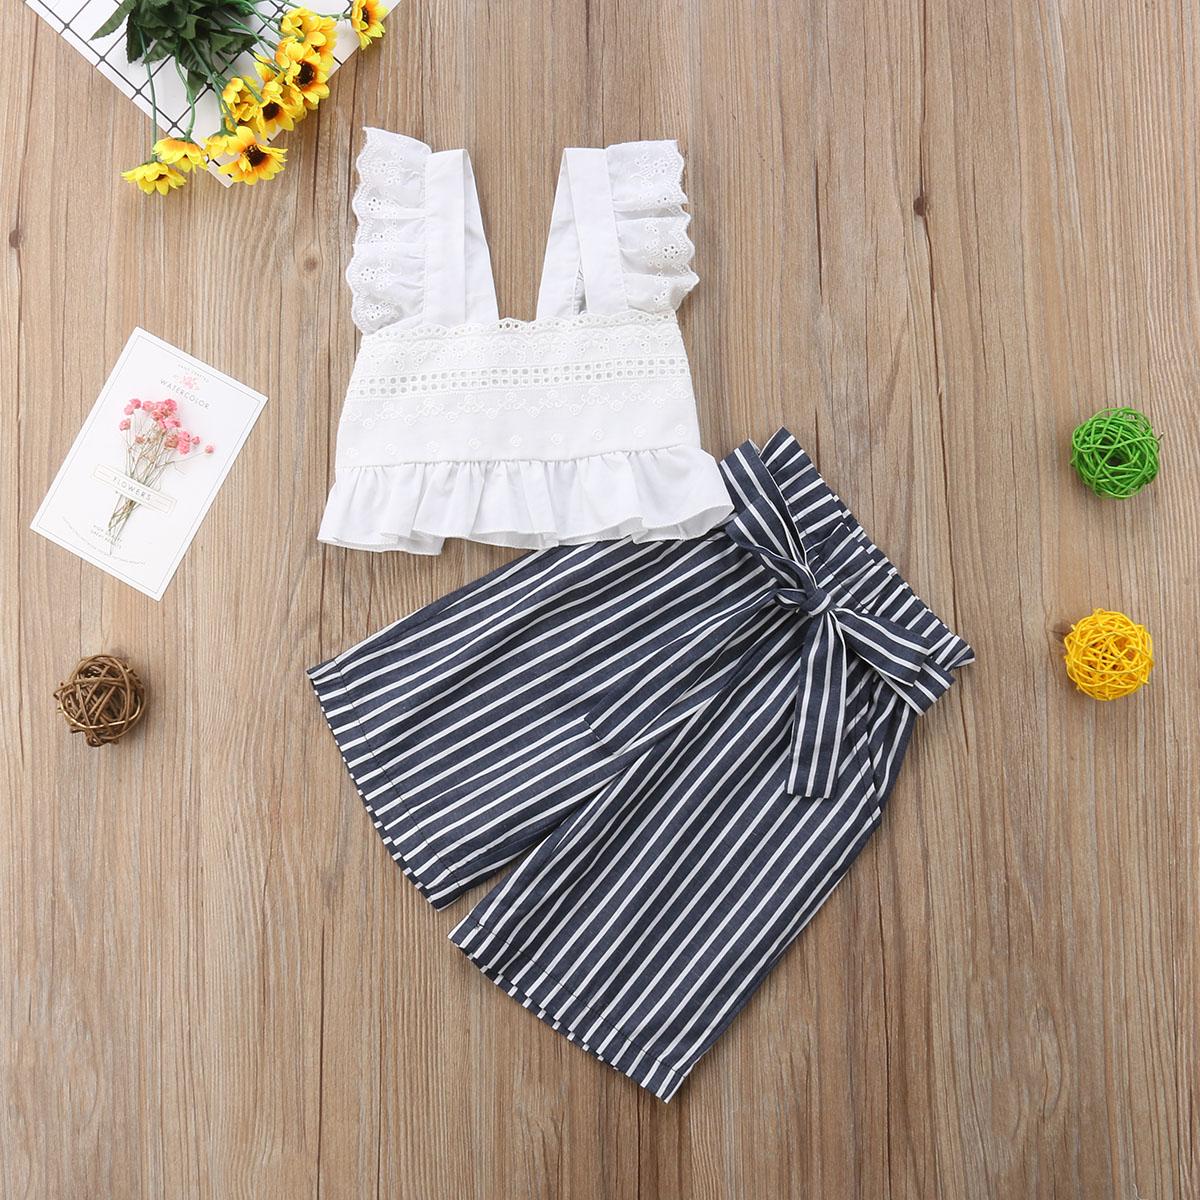 佛山服尔佳服饰有限公司 / Topo colheita plissado e listradas calças duas peças conjunto